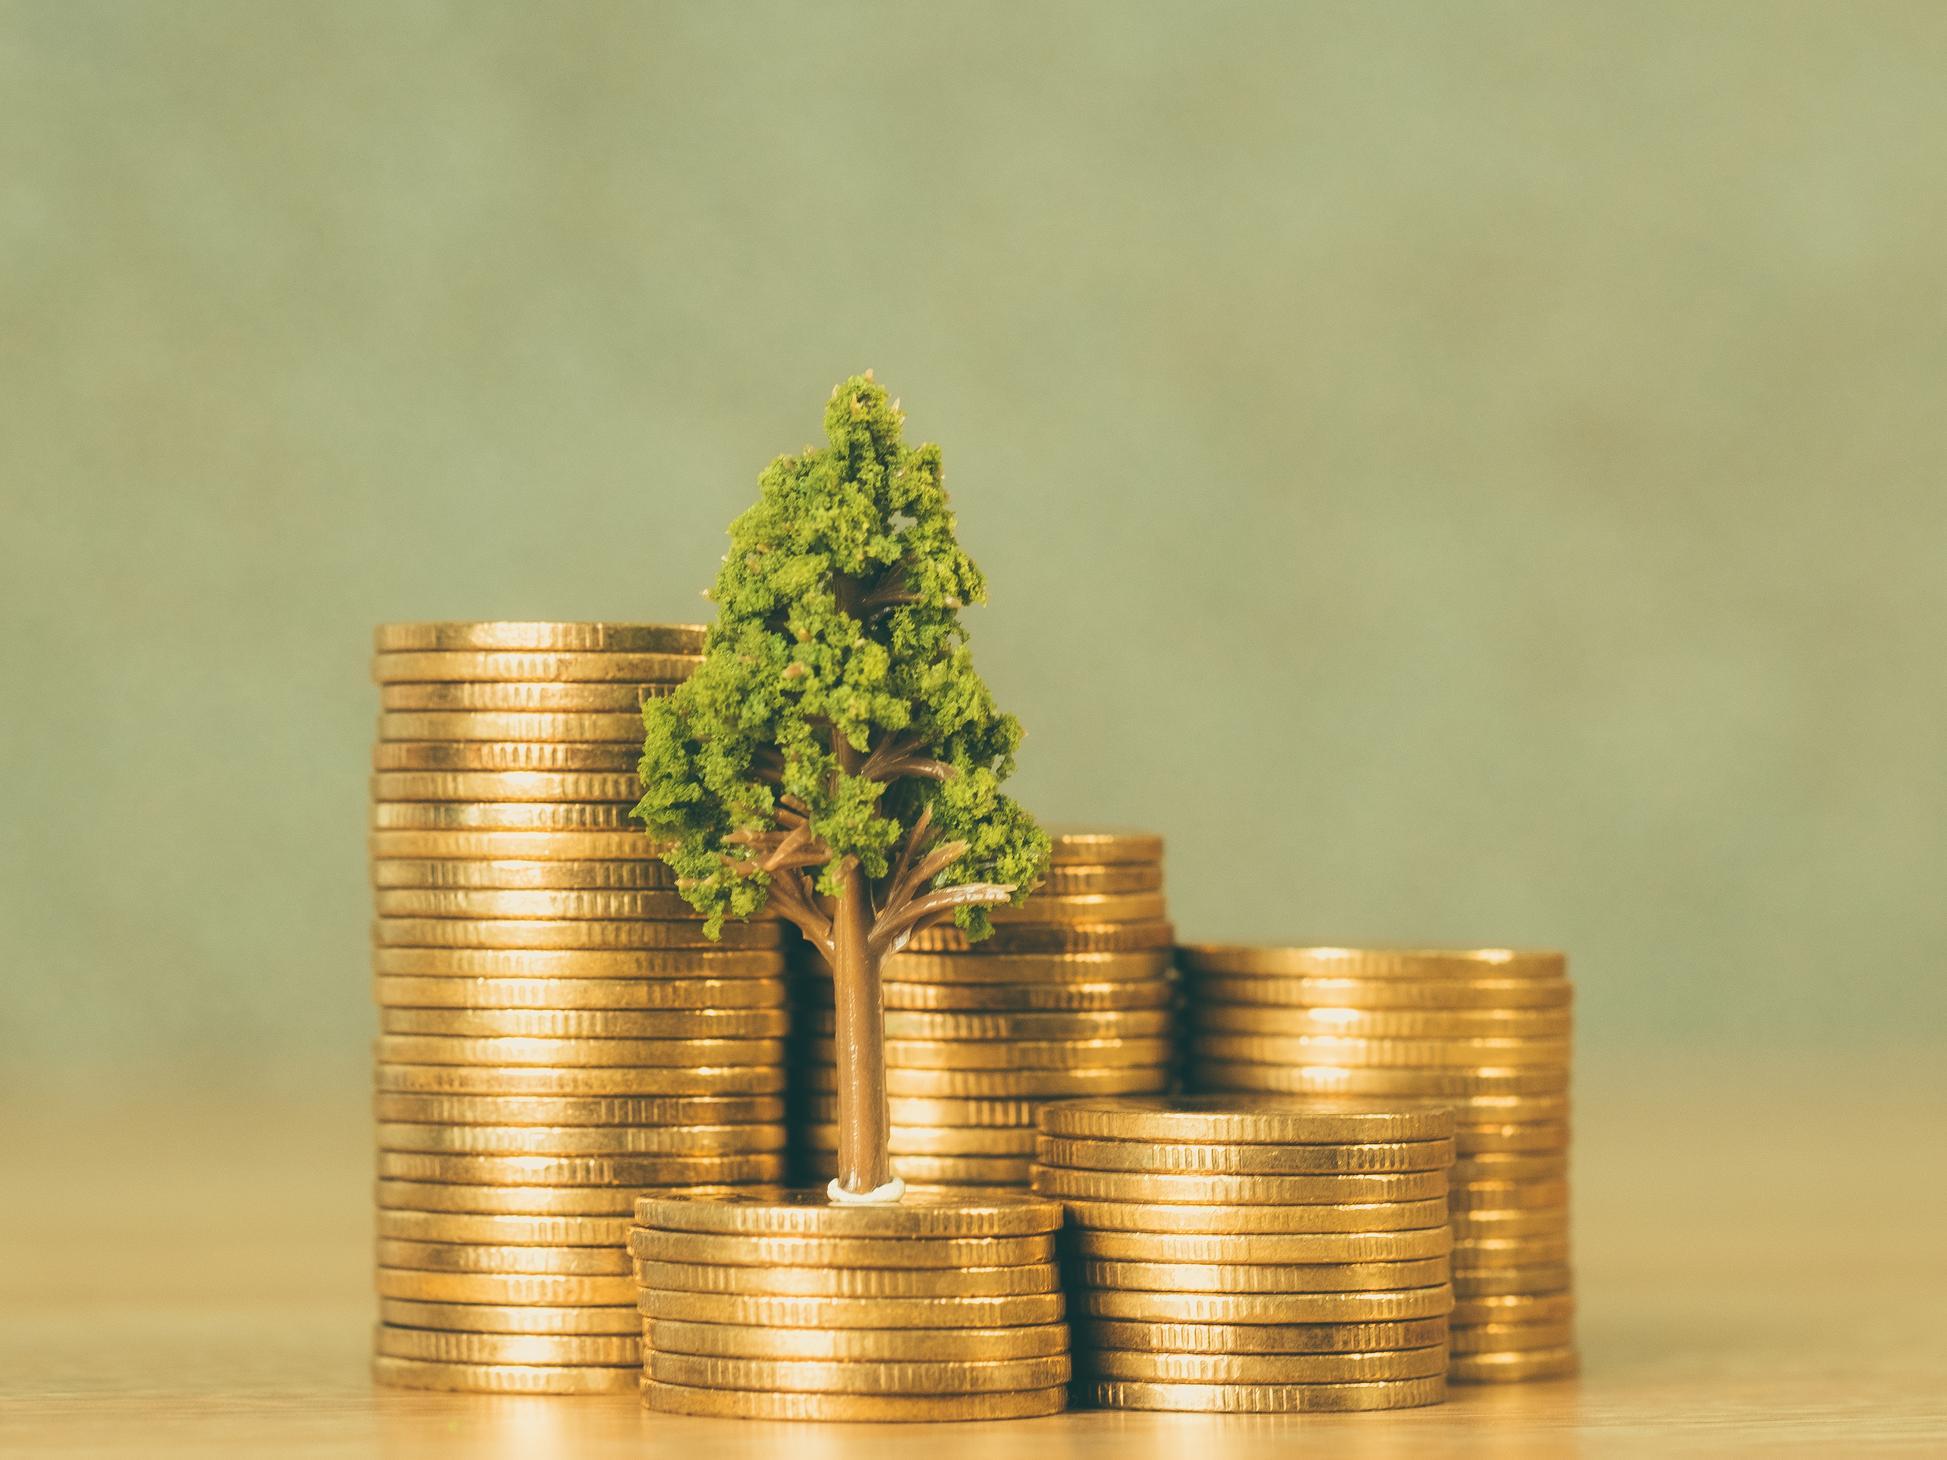 Investissement socialement responsable: quel potentiel de rentabilité par rapport à une stratégie d'investissement traditionnelle?